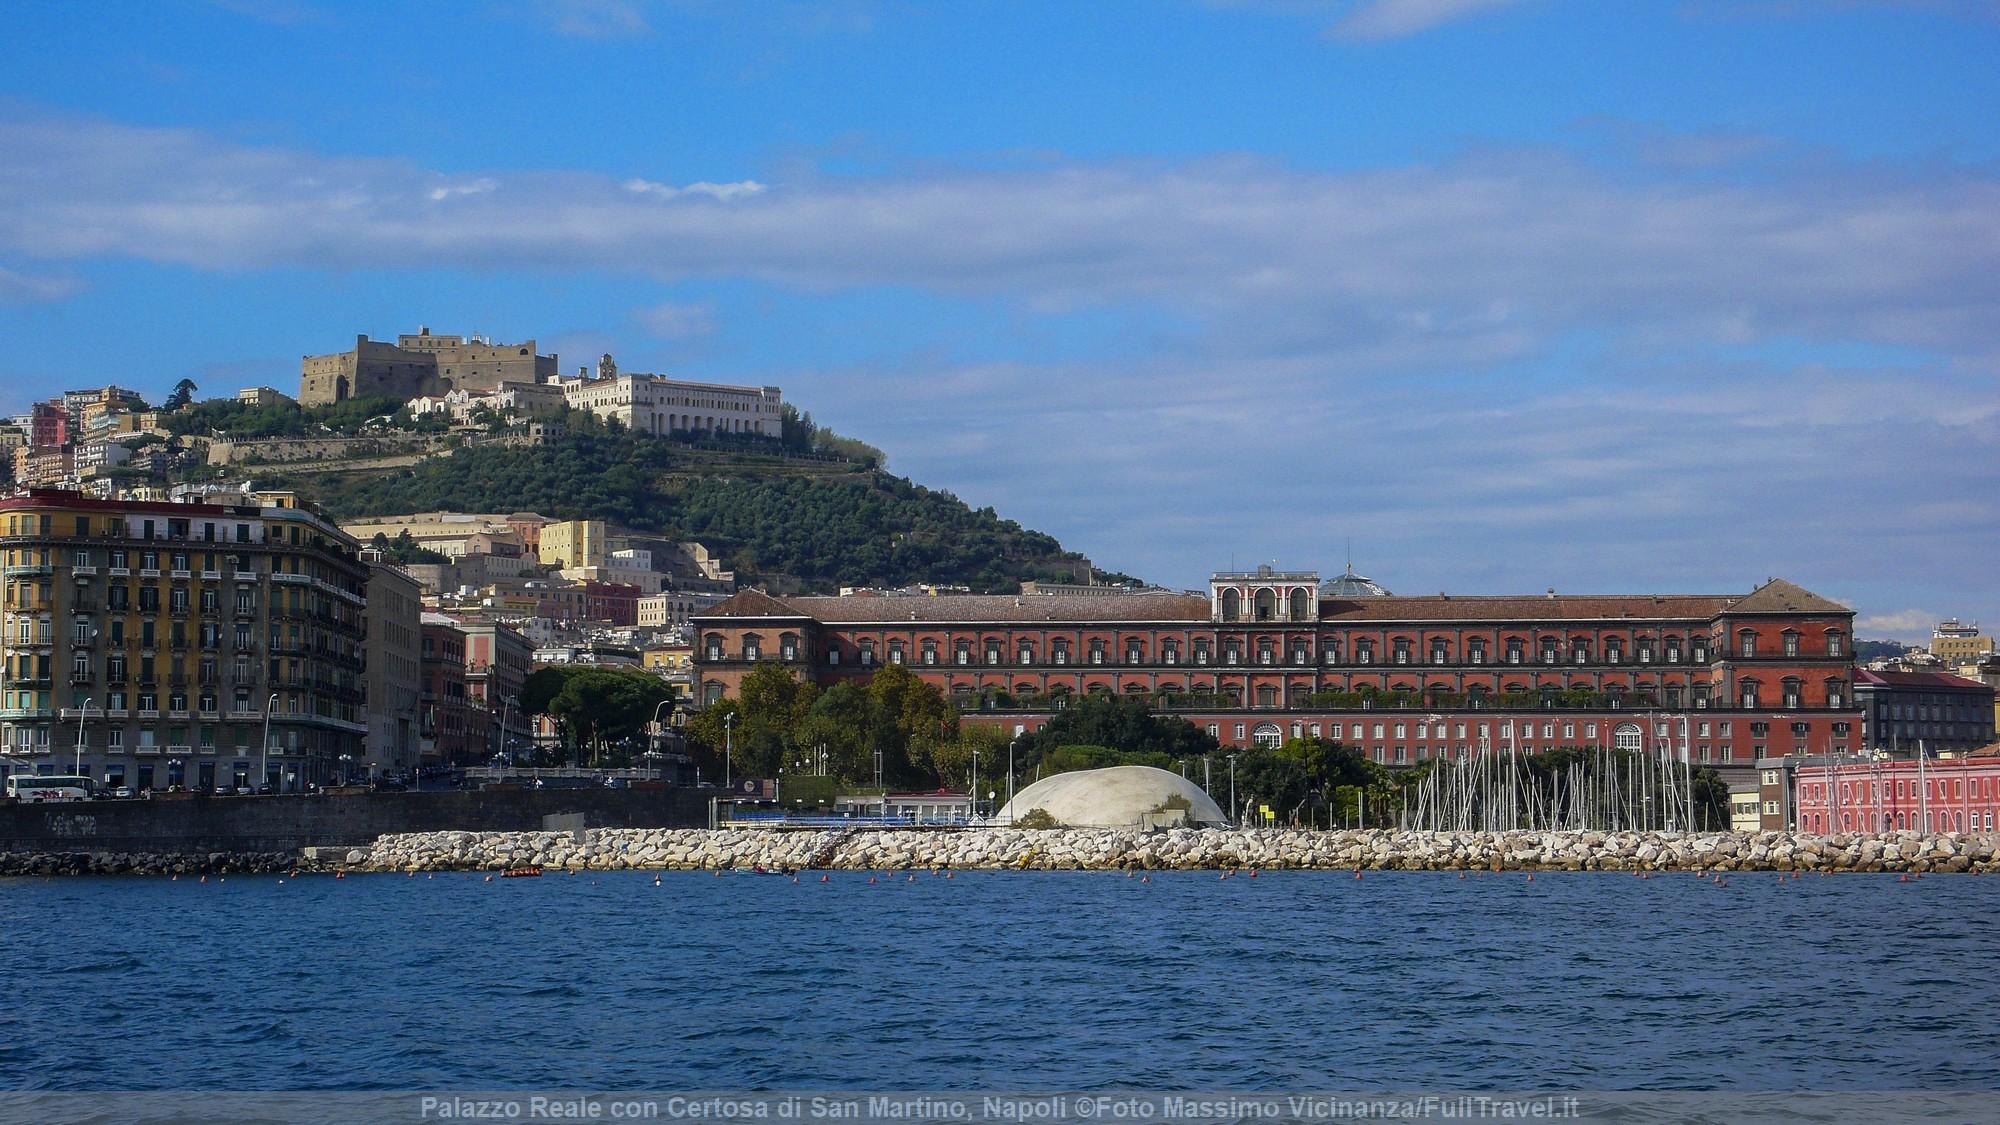 Palazzo Reale con la Certosa di San Martino sullo sfondo, Napoli ©Foto Massimo Vicinanza/FullTravel